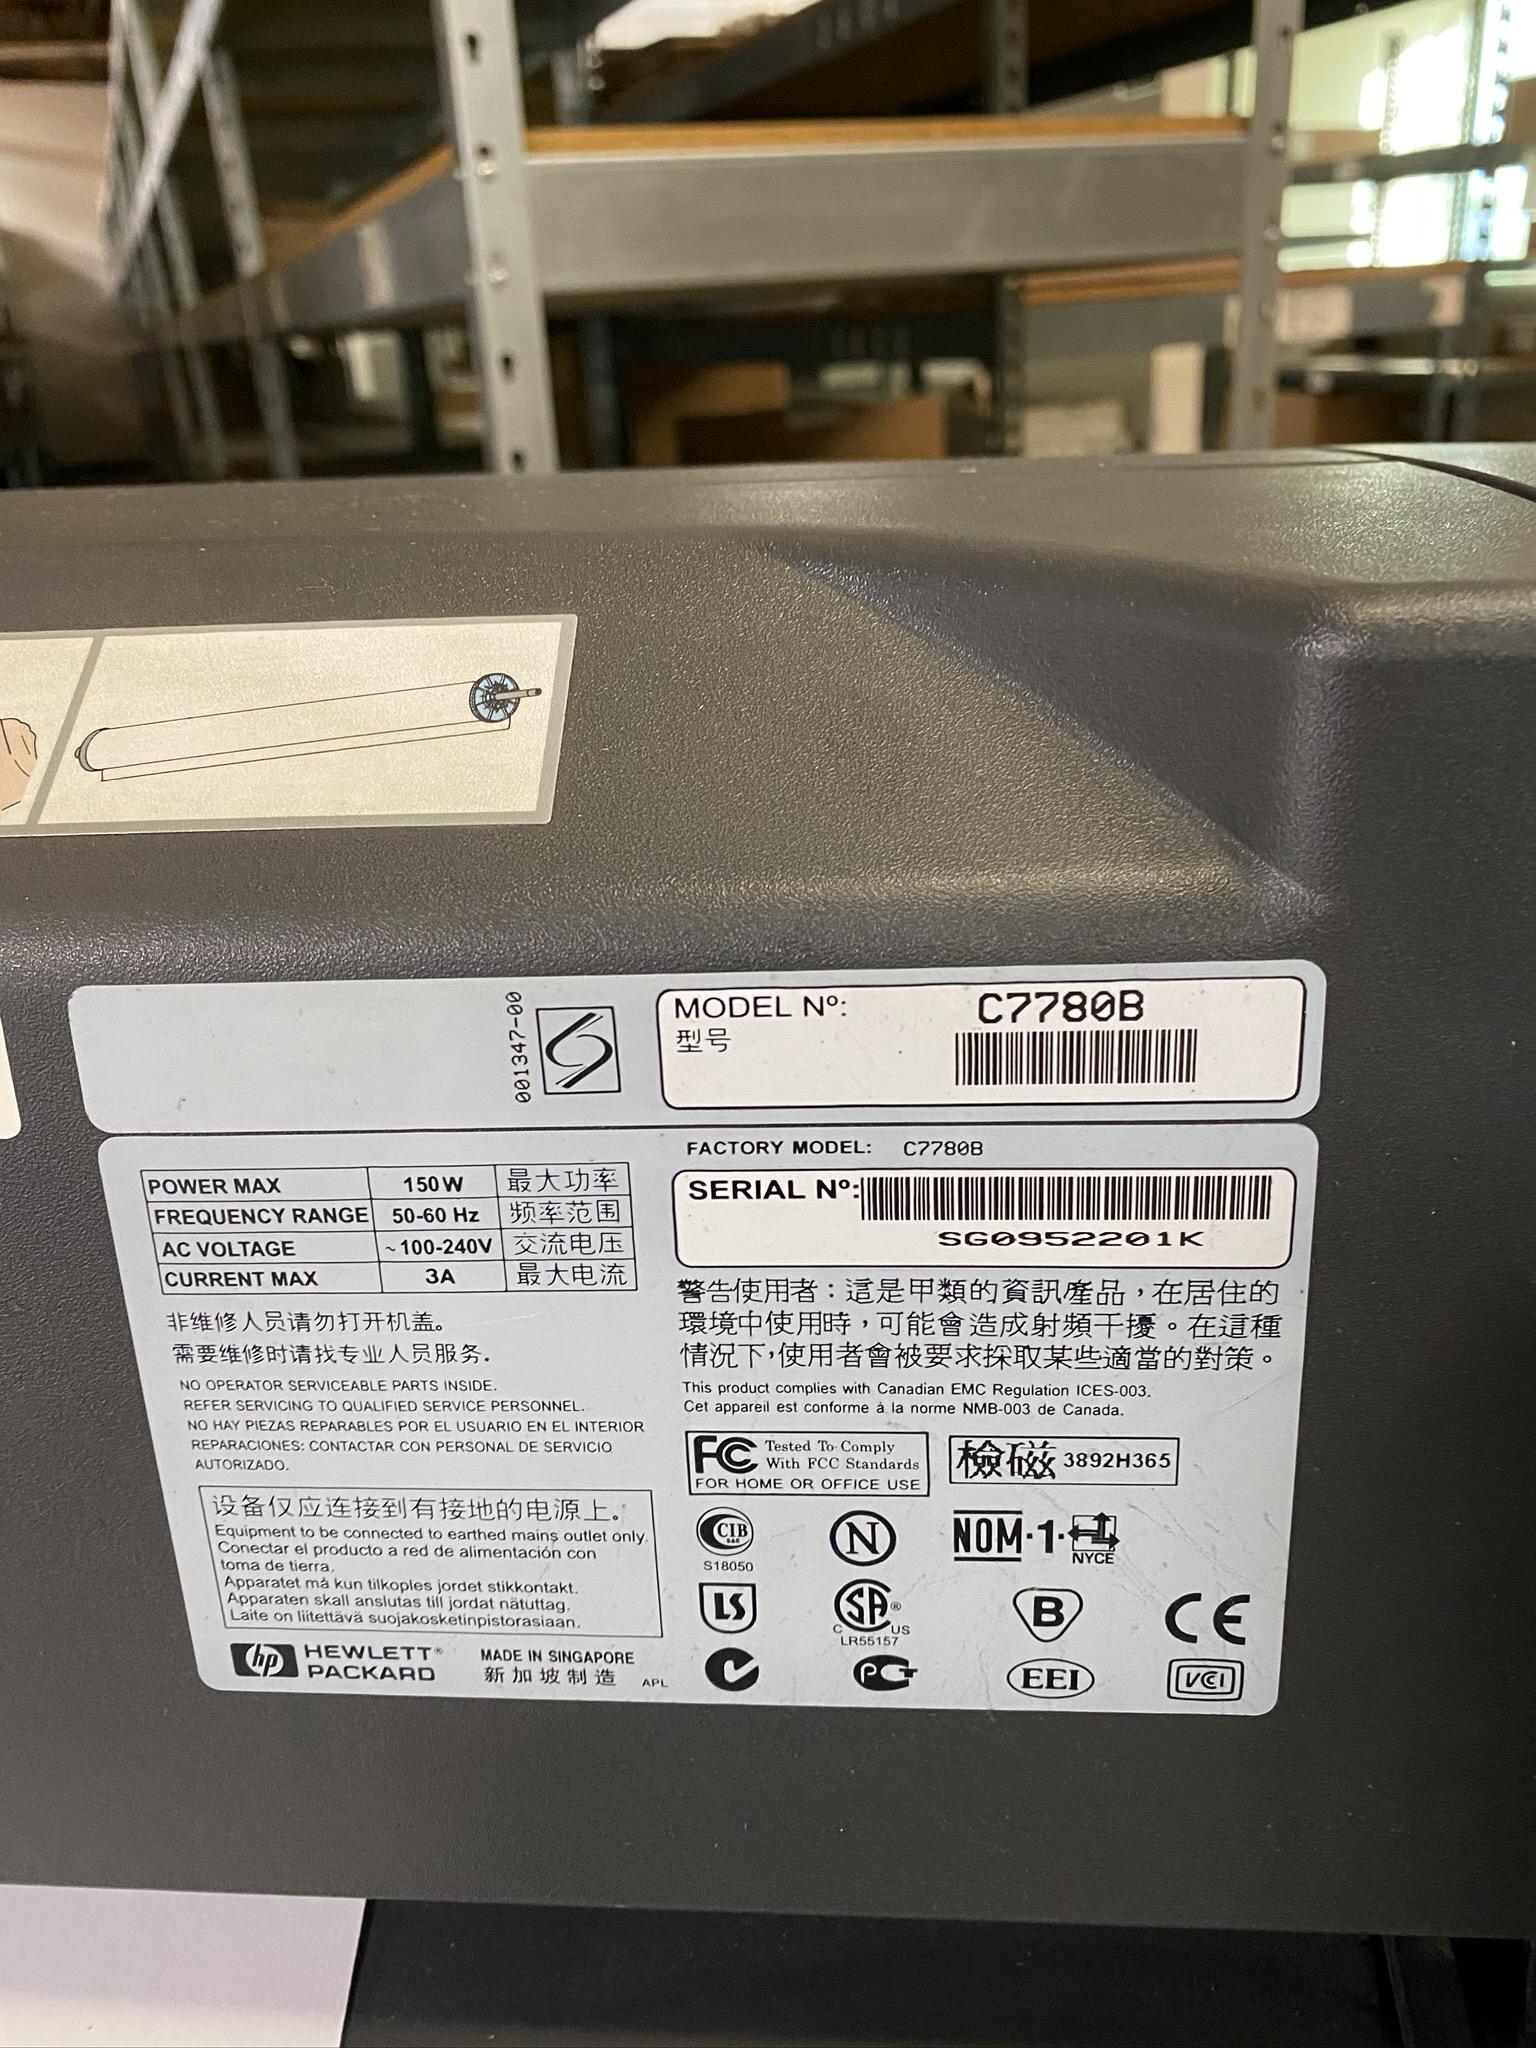 HP DESIGN JET 800 PLOTTER, MODEL C7780B, S/N SG0952201K - Image 4 of 4